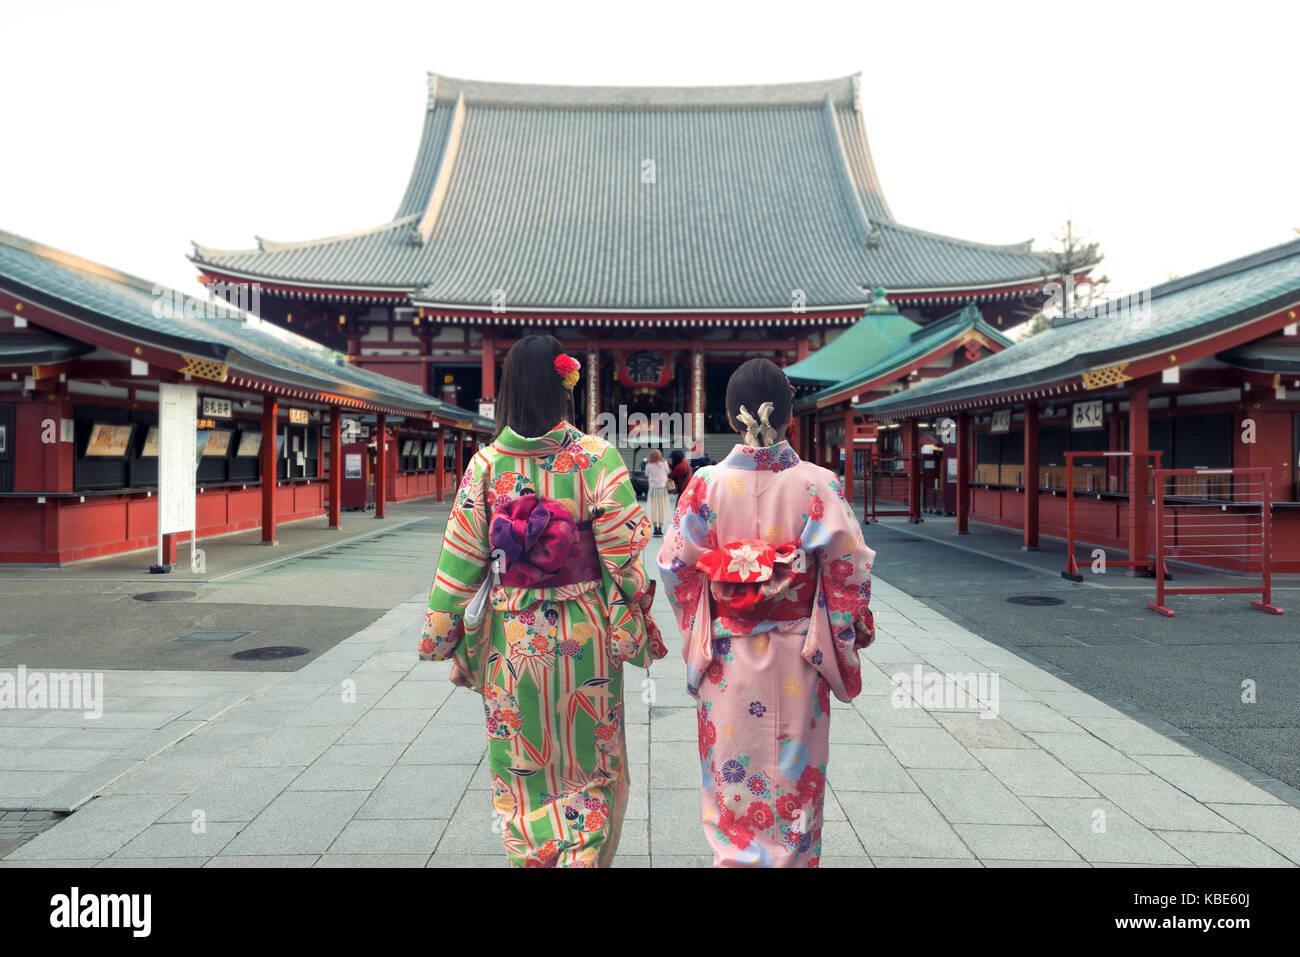 Coppia donne asiatiche indossando il tradizionale kimono giapponese nel tempio di Sensoji a Tokyo in Giappone. Immagini Stock